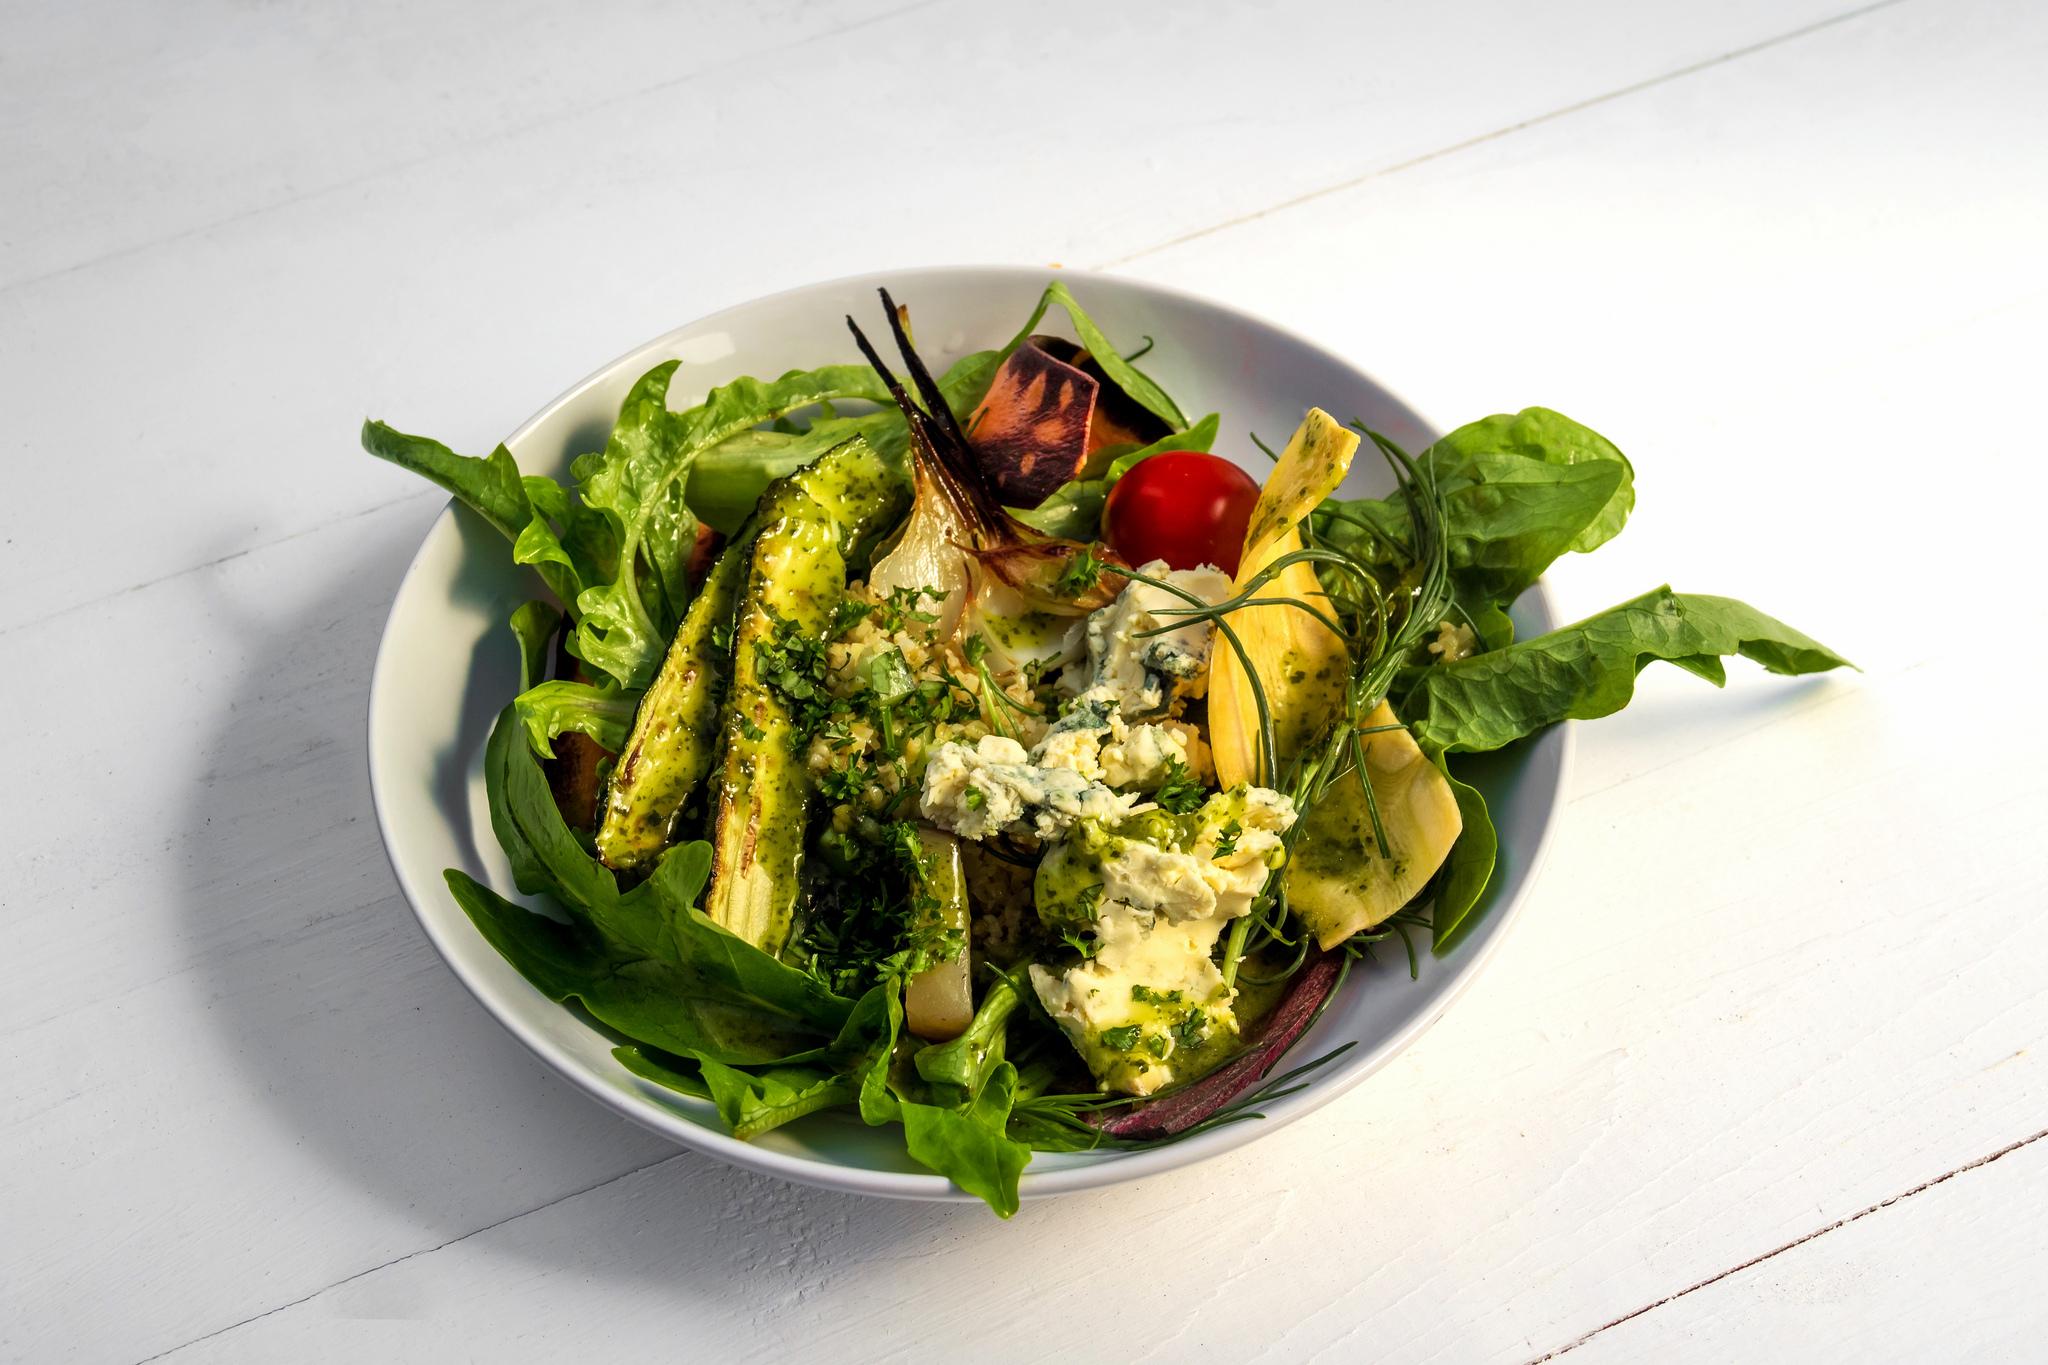 Salad, Vegan Delight| © Dimitri Biemond/Flickr